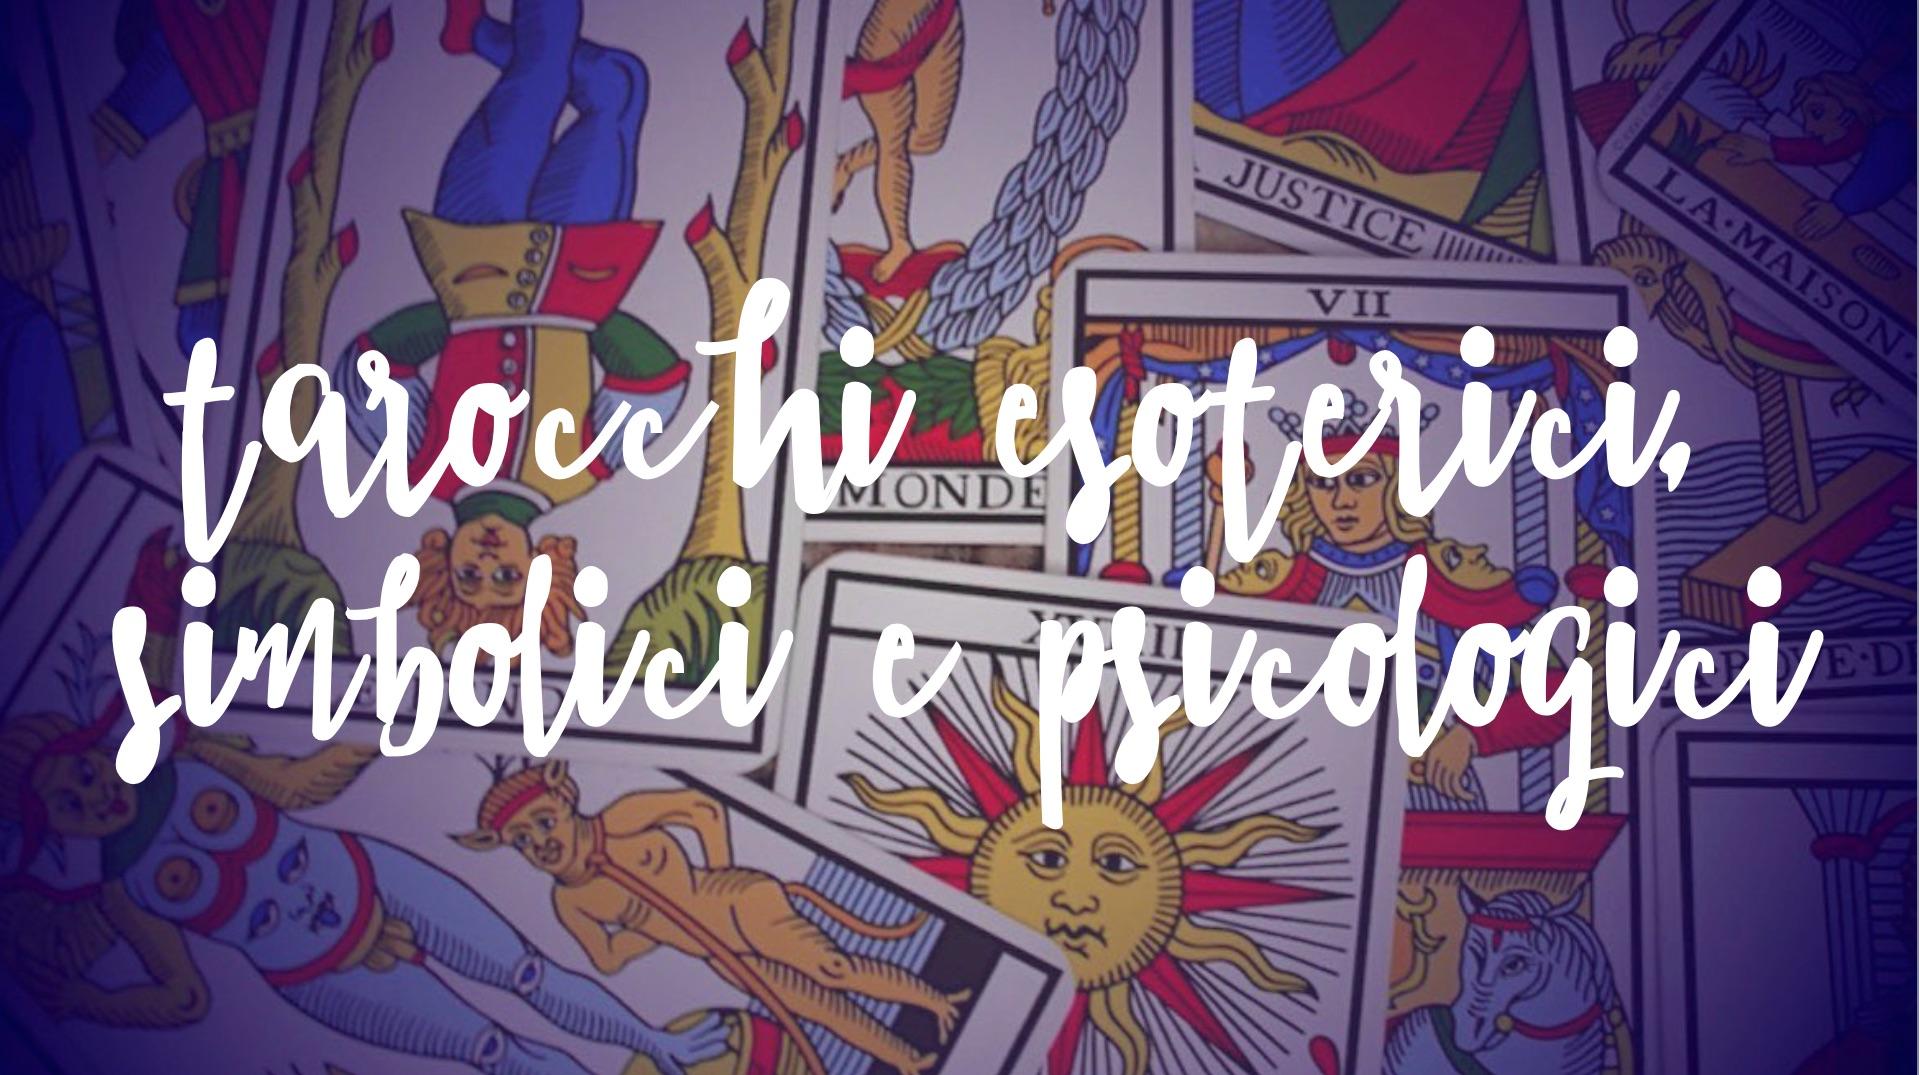 Tarocchi Esoterici, Simbolici e Psicologici